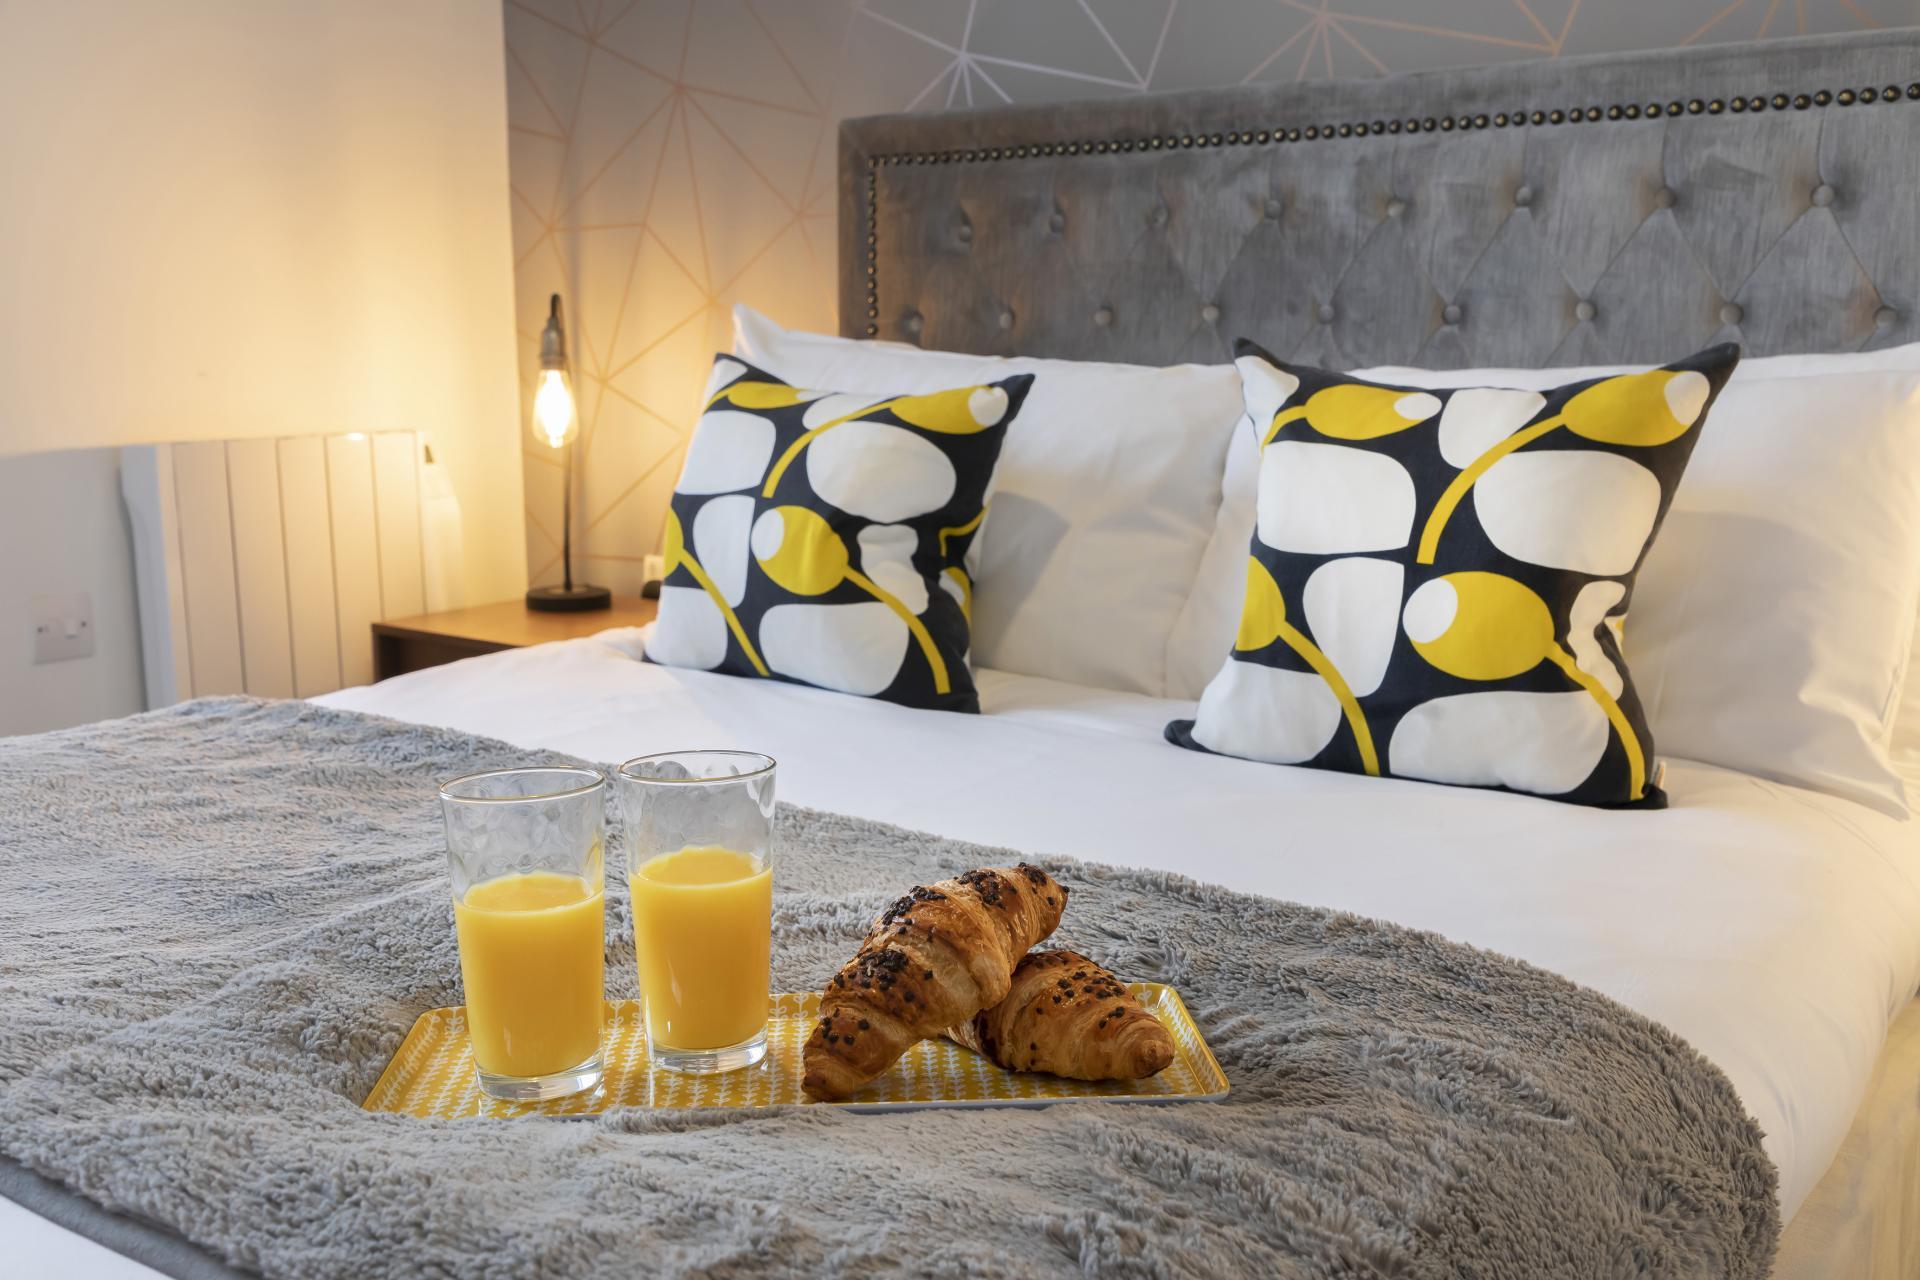 Comfy bed at Axiom No. 8 Apartment - Citybase Apartments